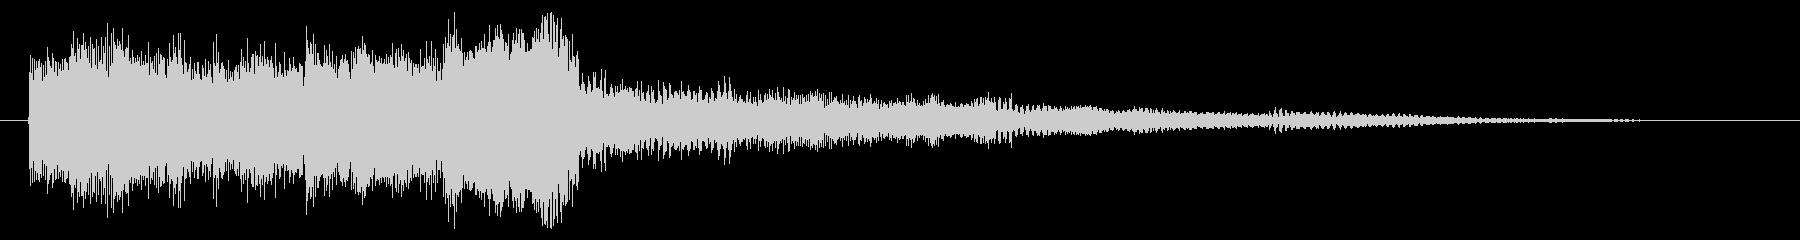 決定音 選択音 セレクト音 ゲーム音の未再生の波形